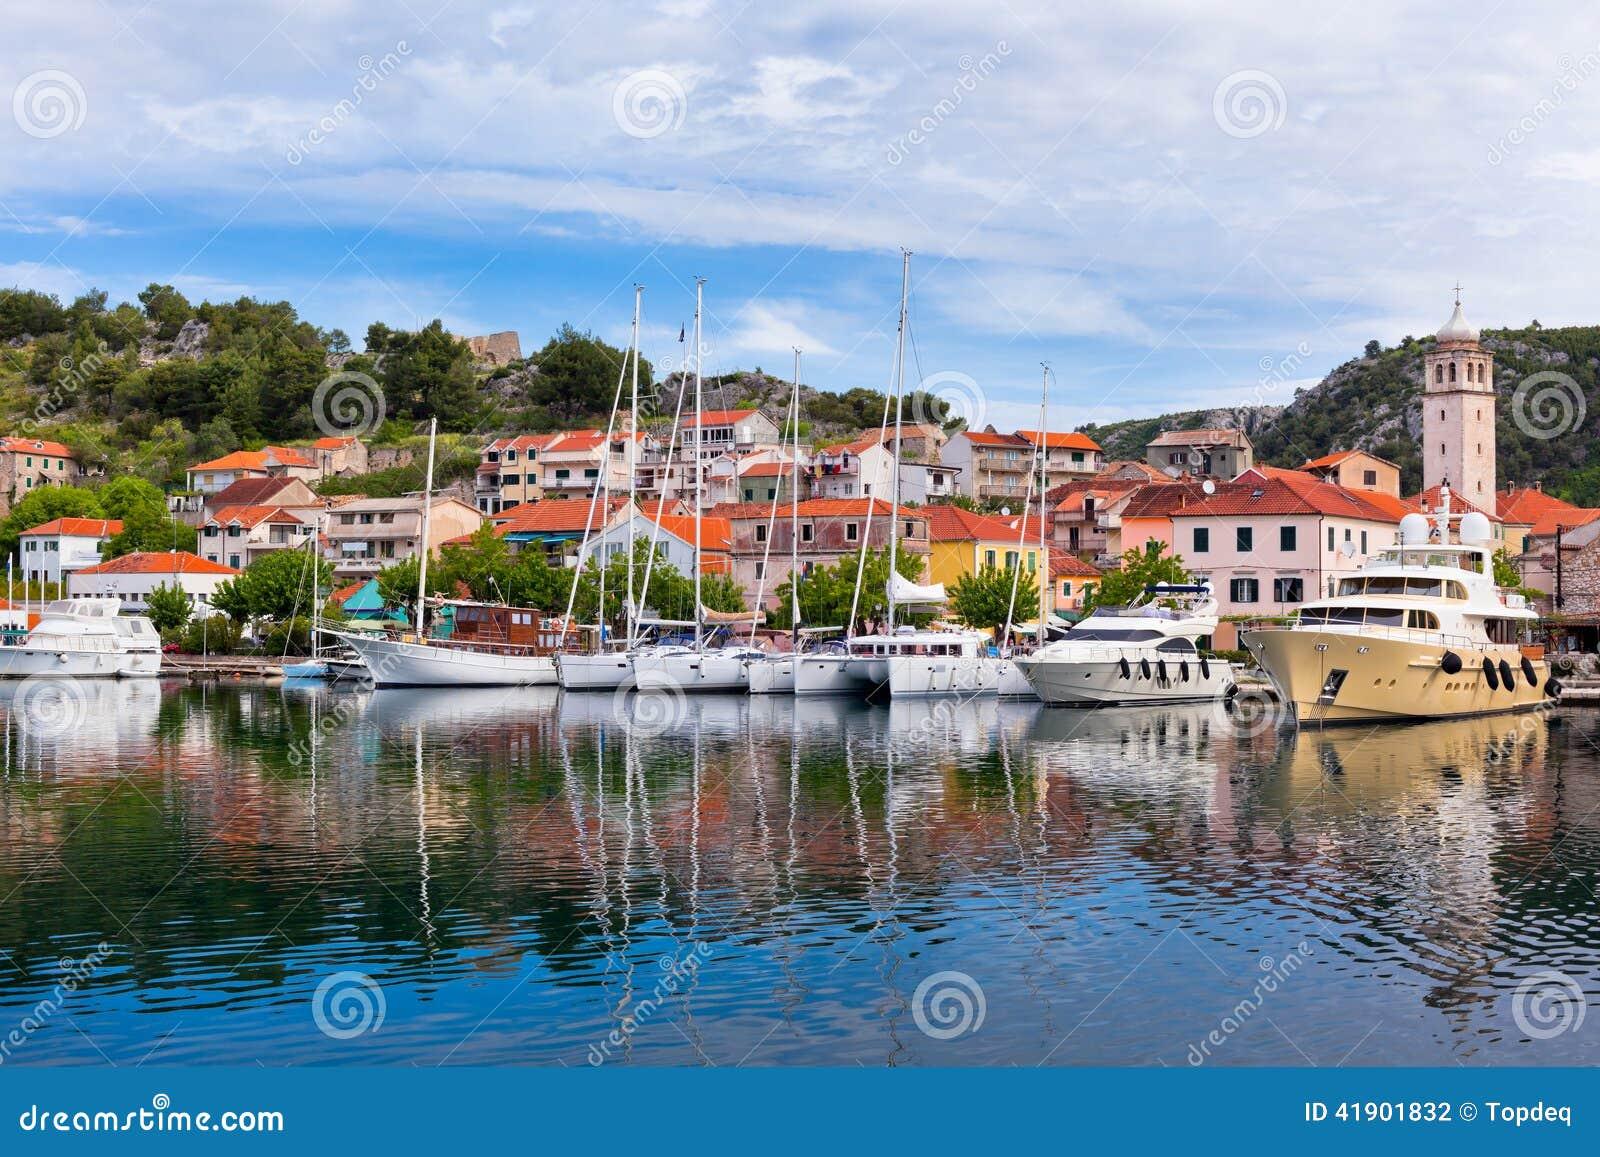 Skradin est une petite ville historique en Croatie